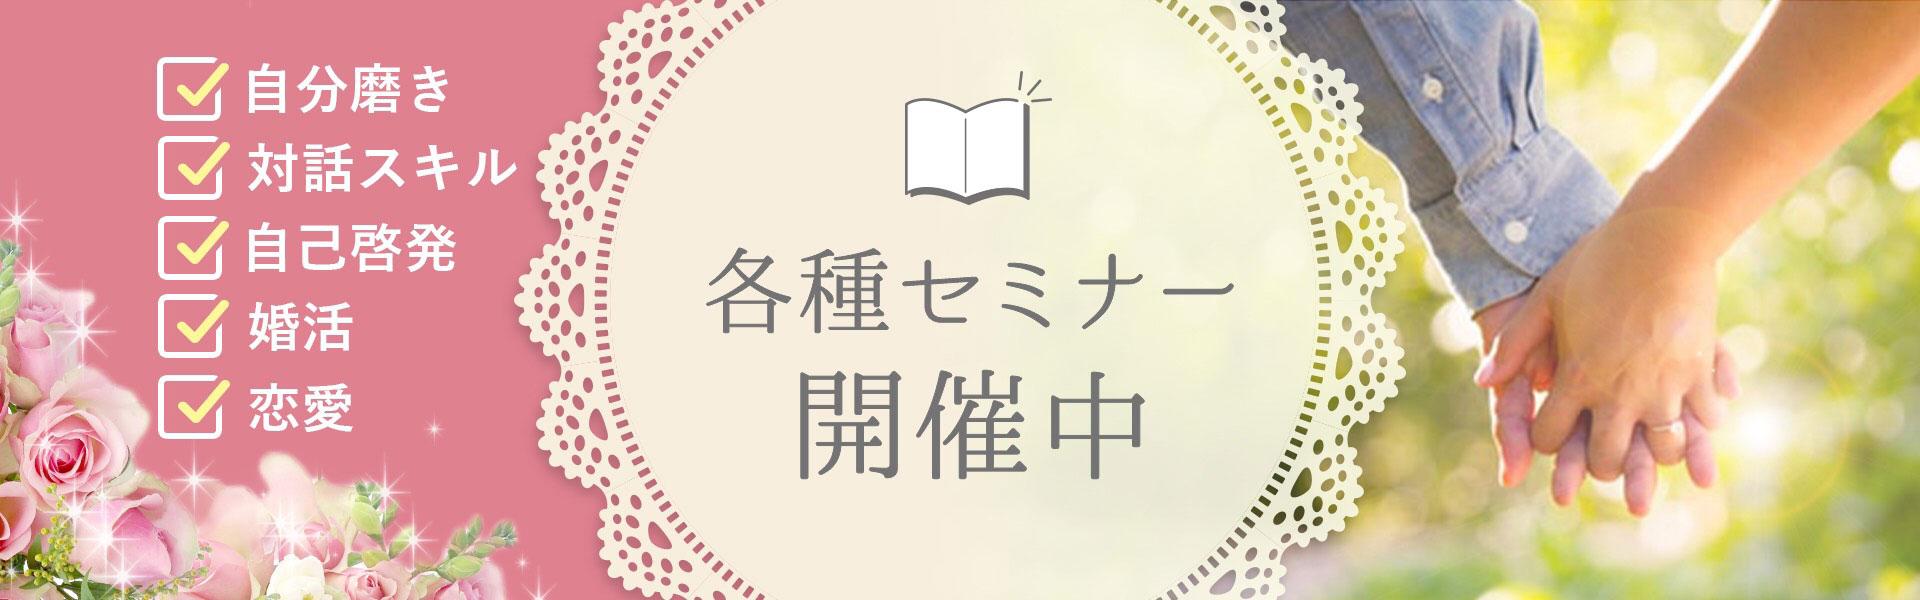 婚活パーティー開催中!!